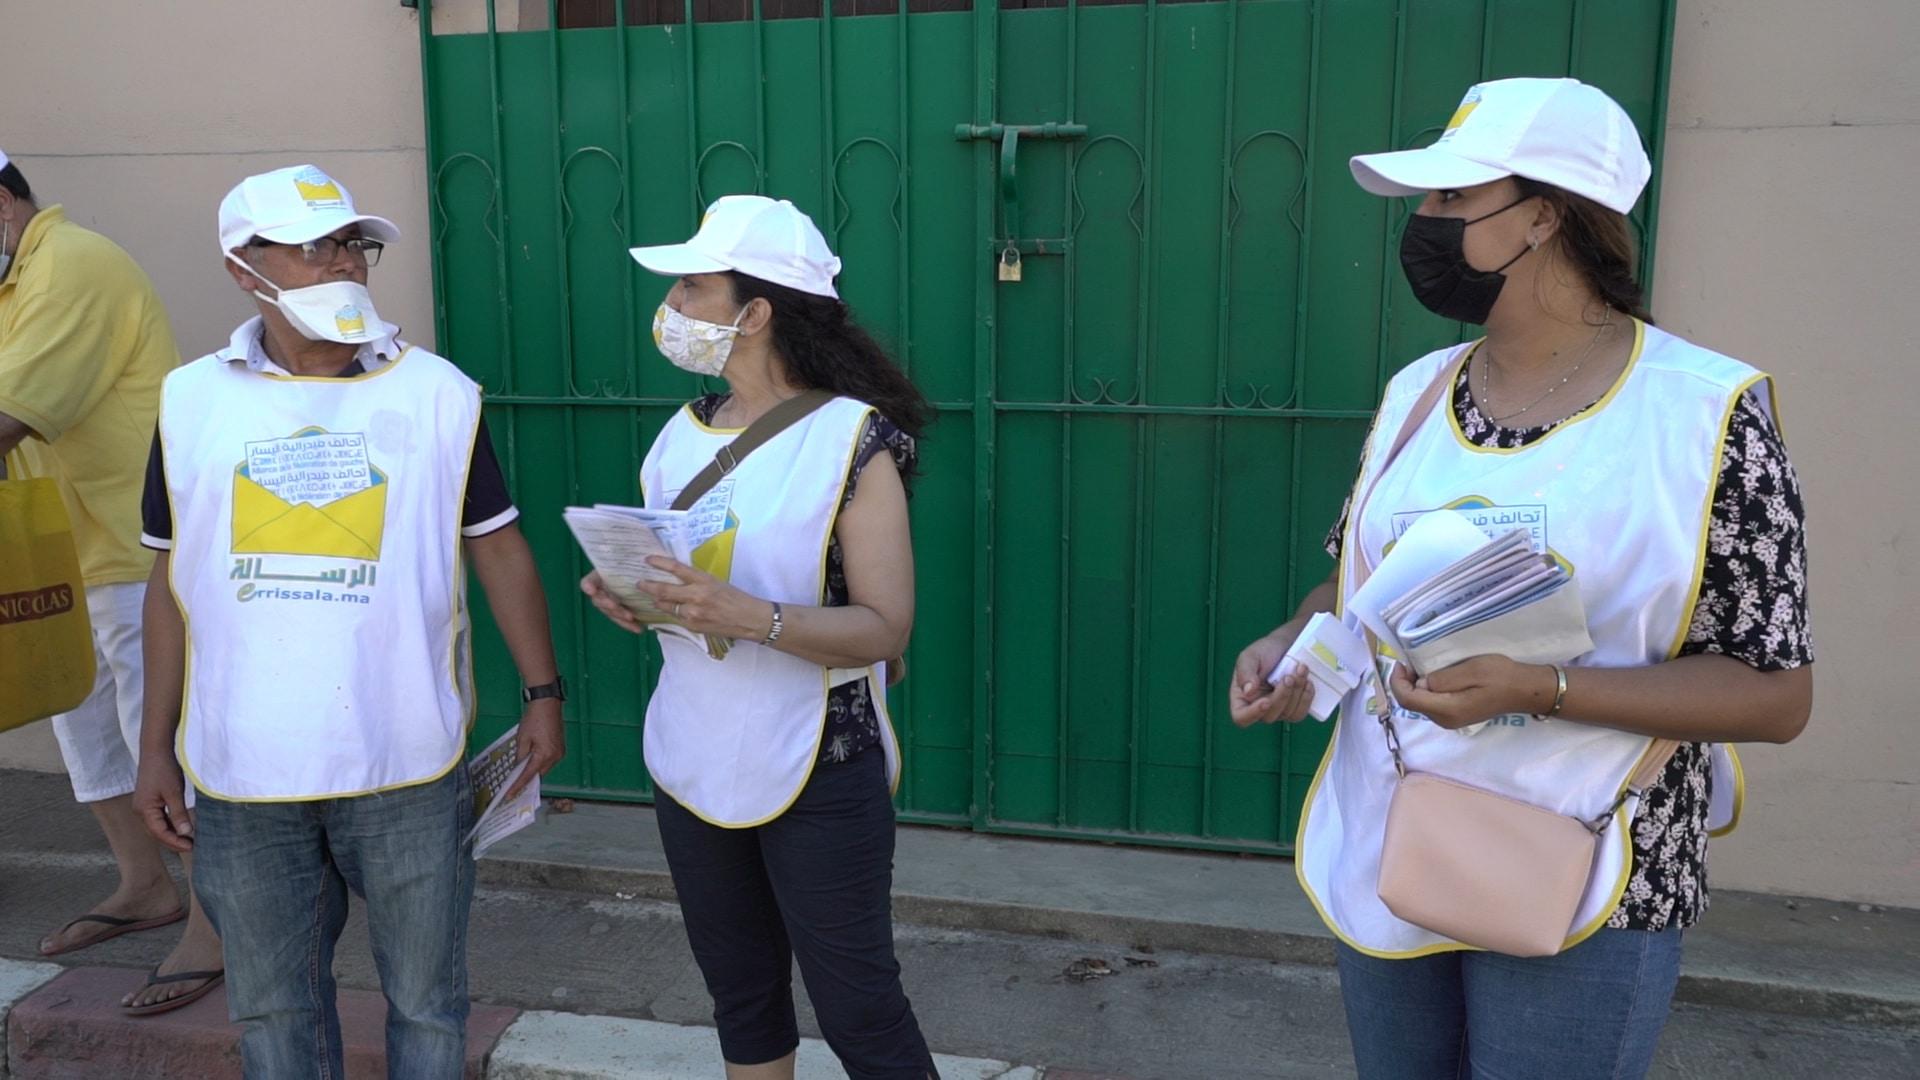 الحملة الانتخابية في المغرب